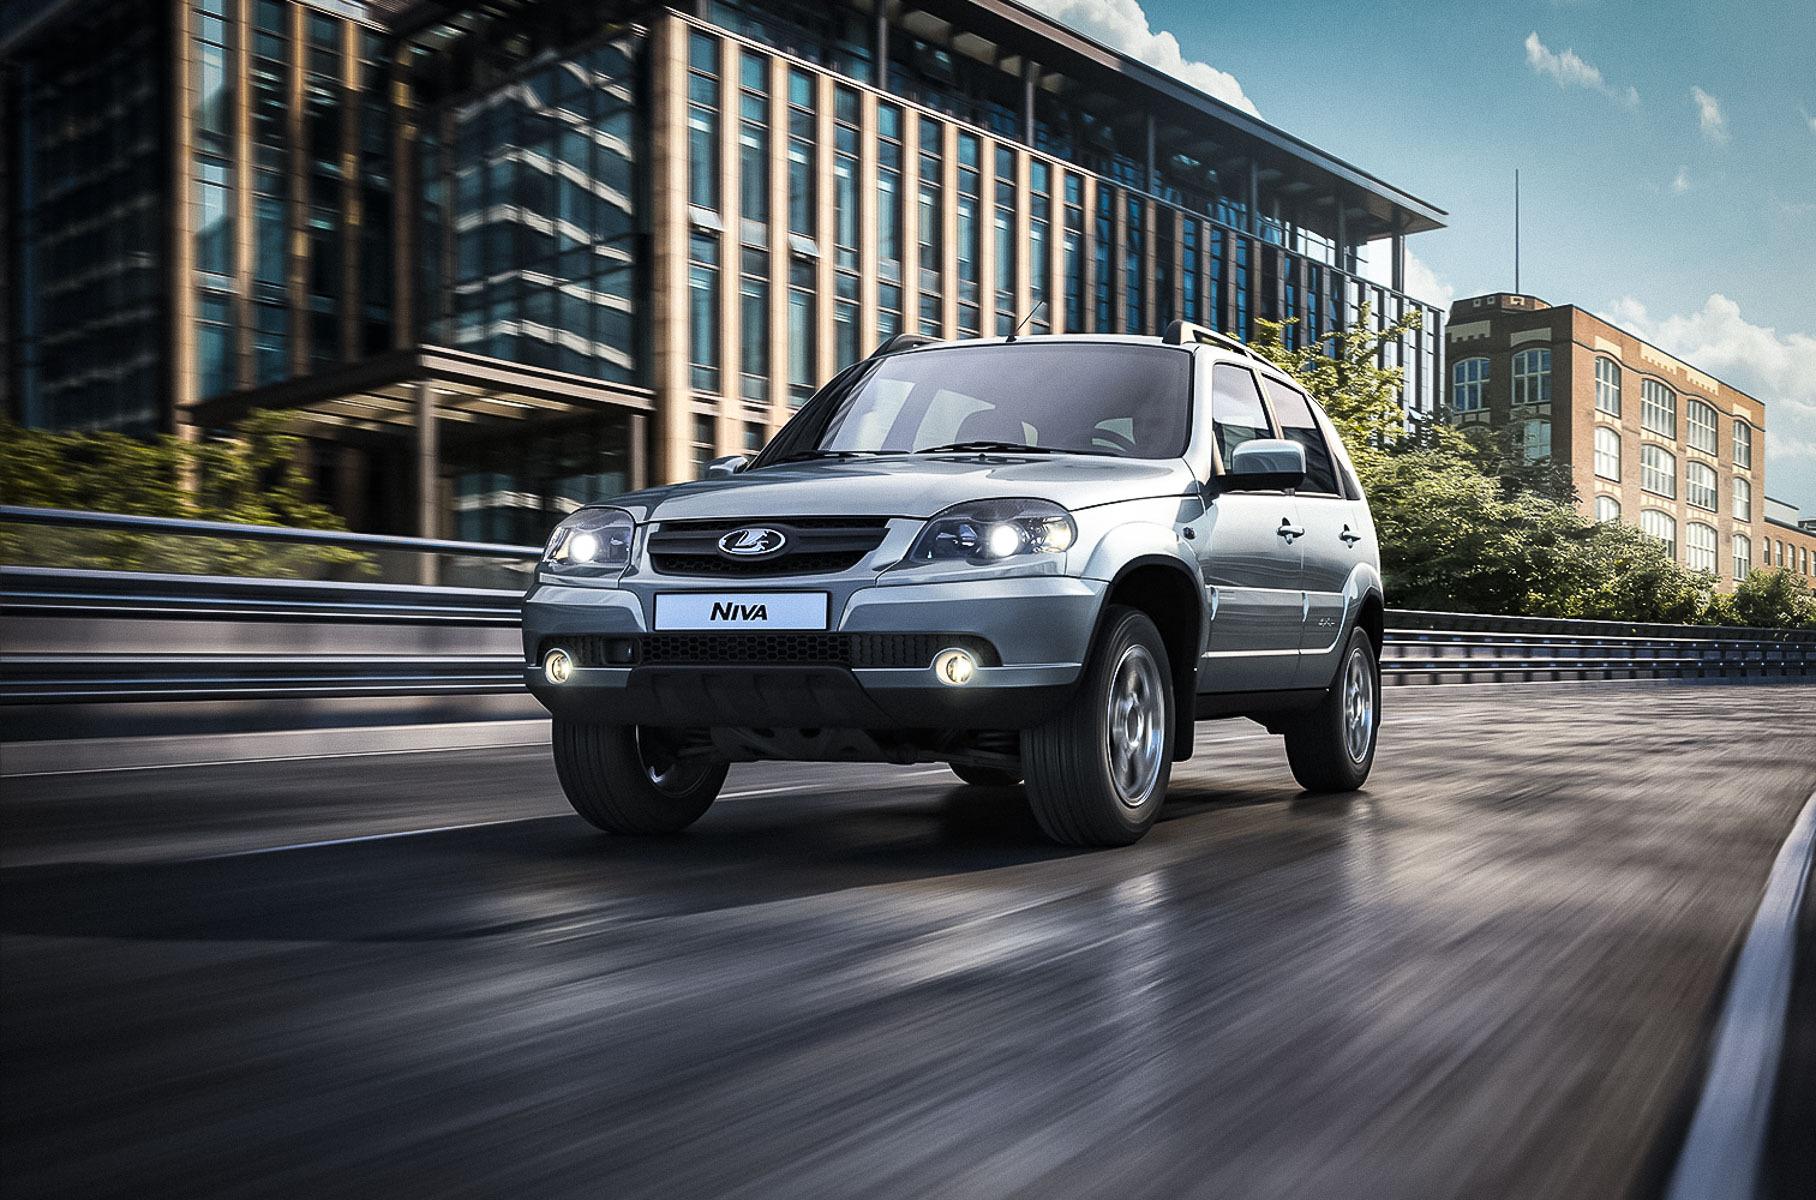 Насколько подорожали автомобили в России в 2020 году Селектор